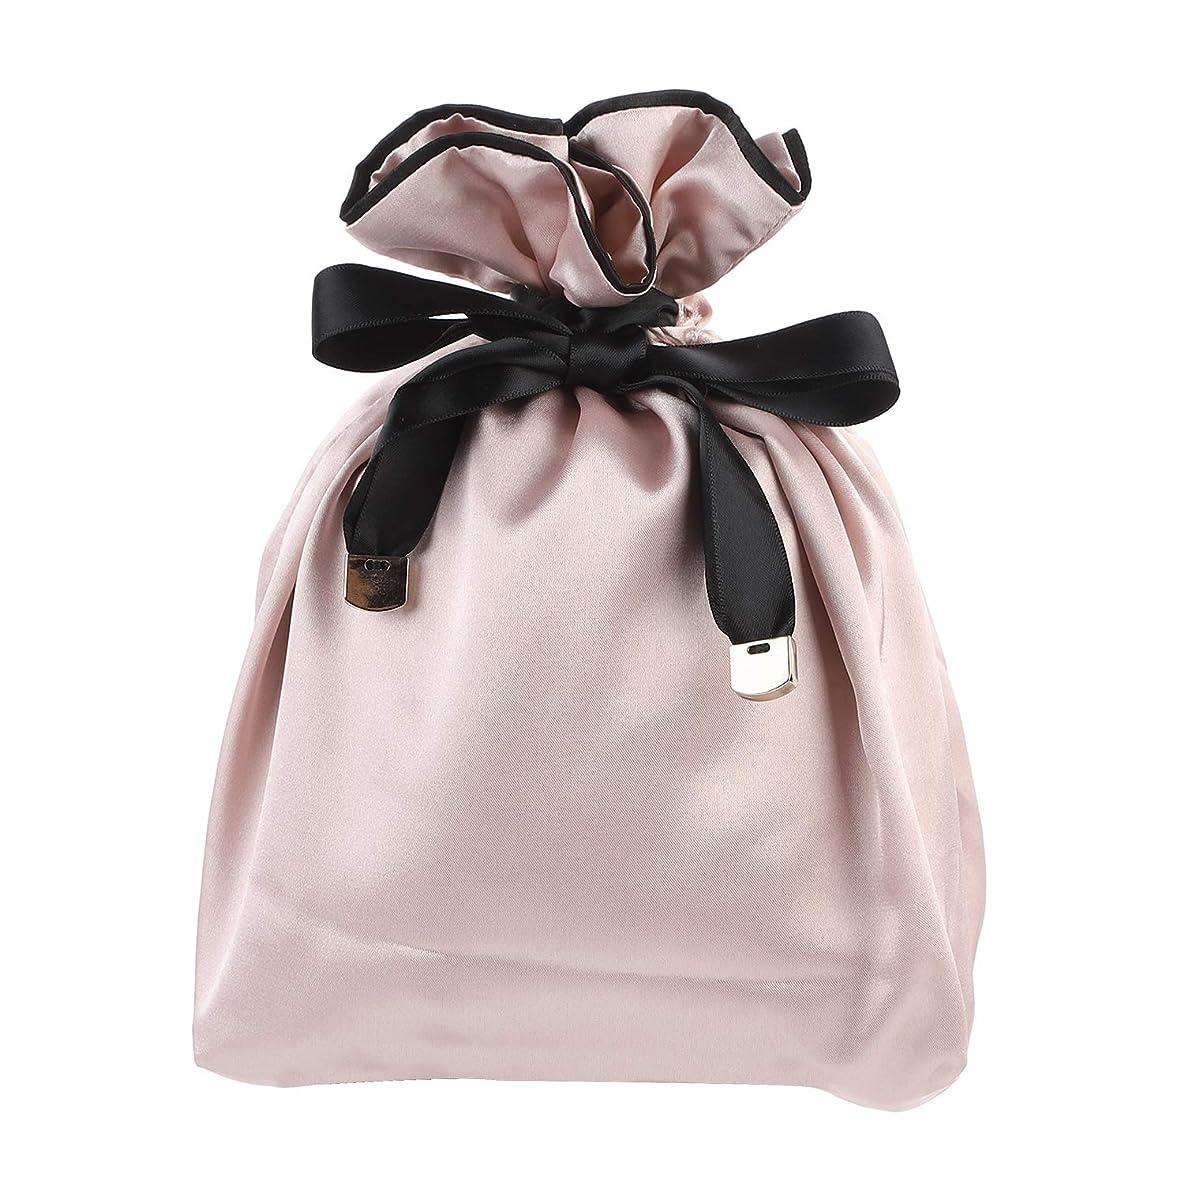 怒り倫理的ニュースNEOVIVA 巾着 袋 女の子 化粧品ポーチ 小物入れ スベスベ 旅行 ギフト ピンク 巾着袋だけ